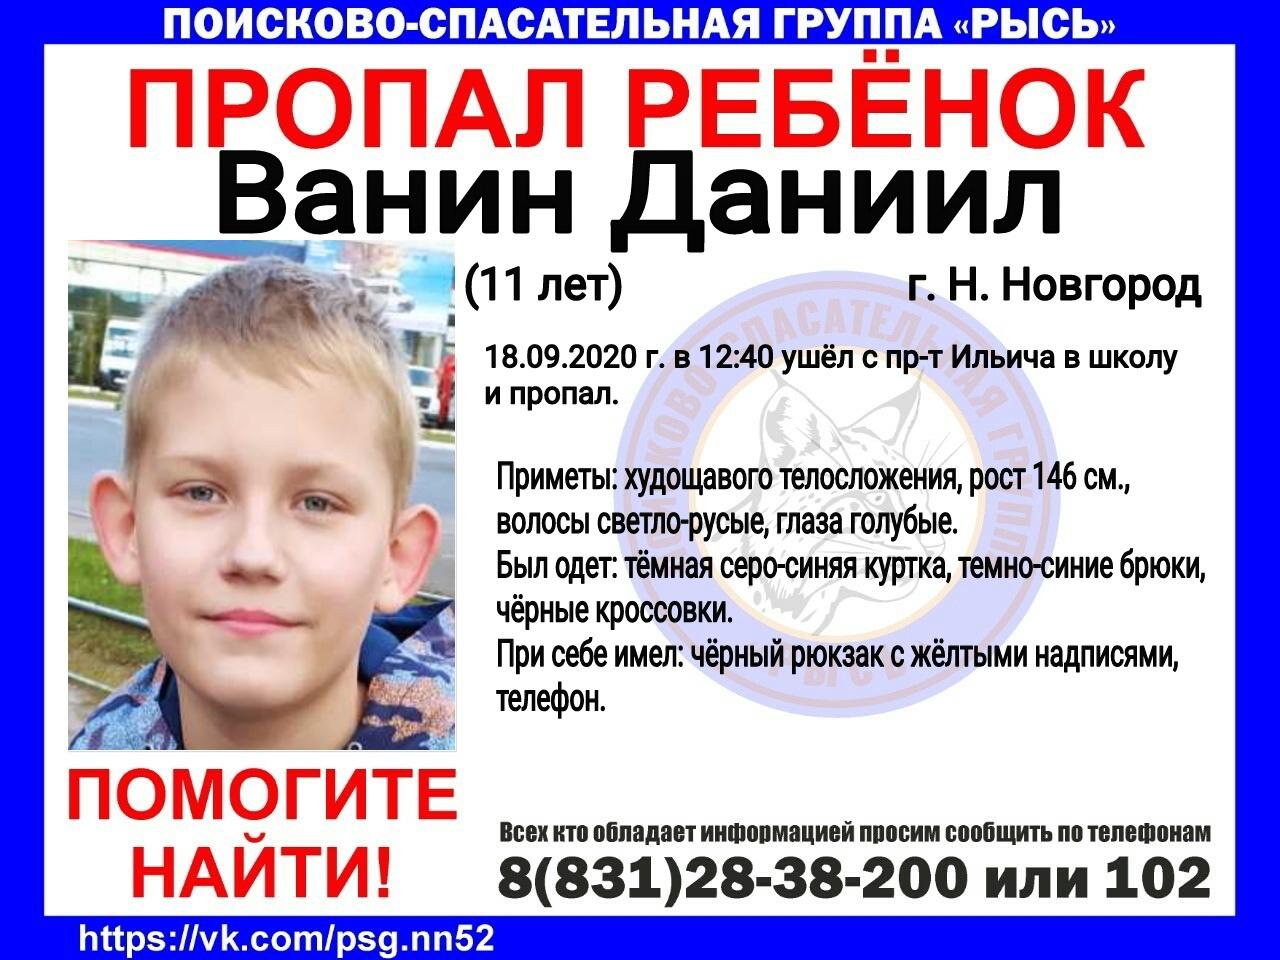 Ванин Даниил, 11 лет, г. Нижний Новгород